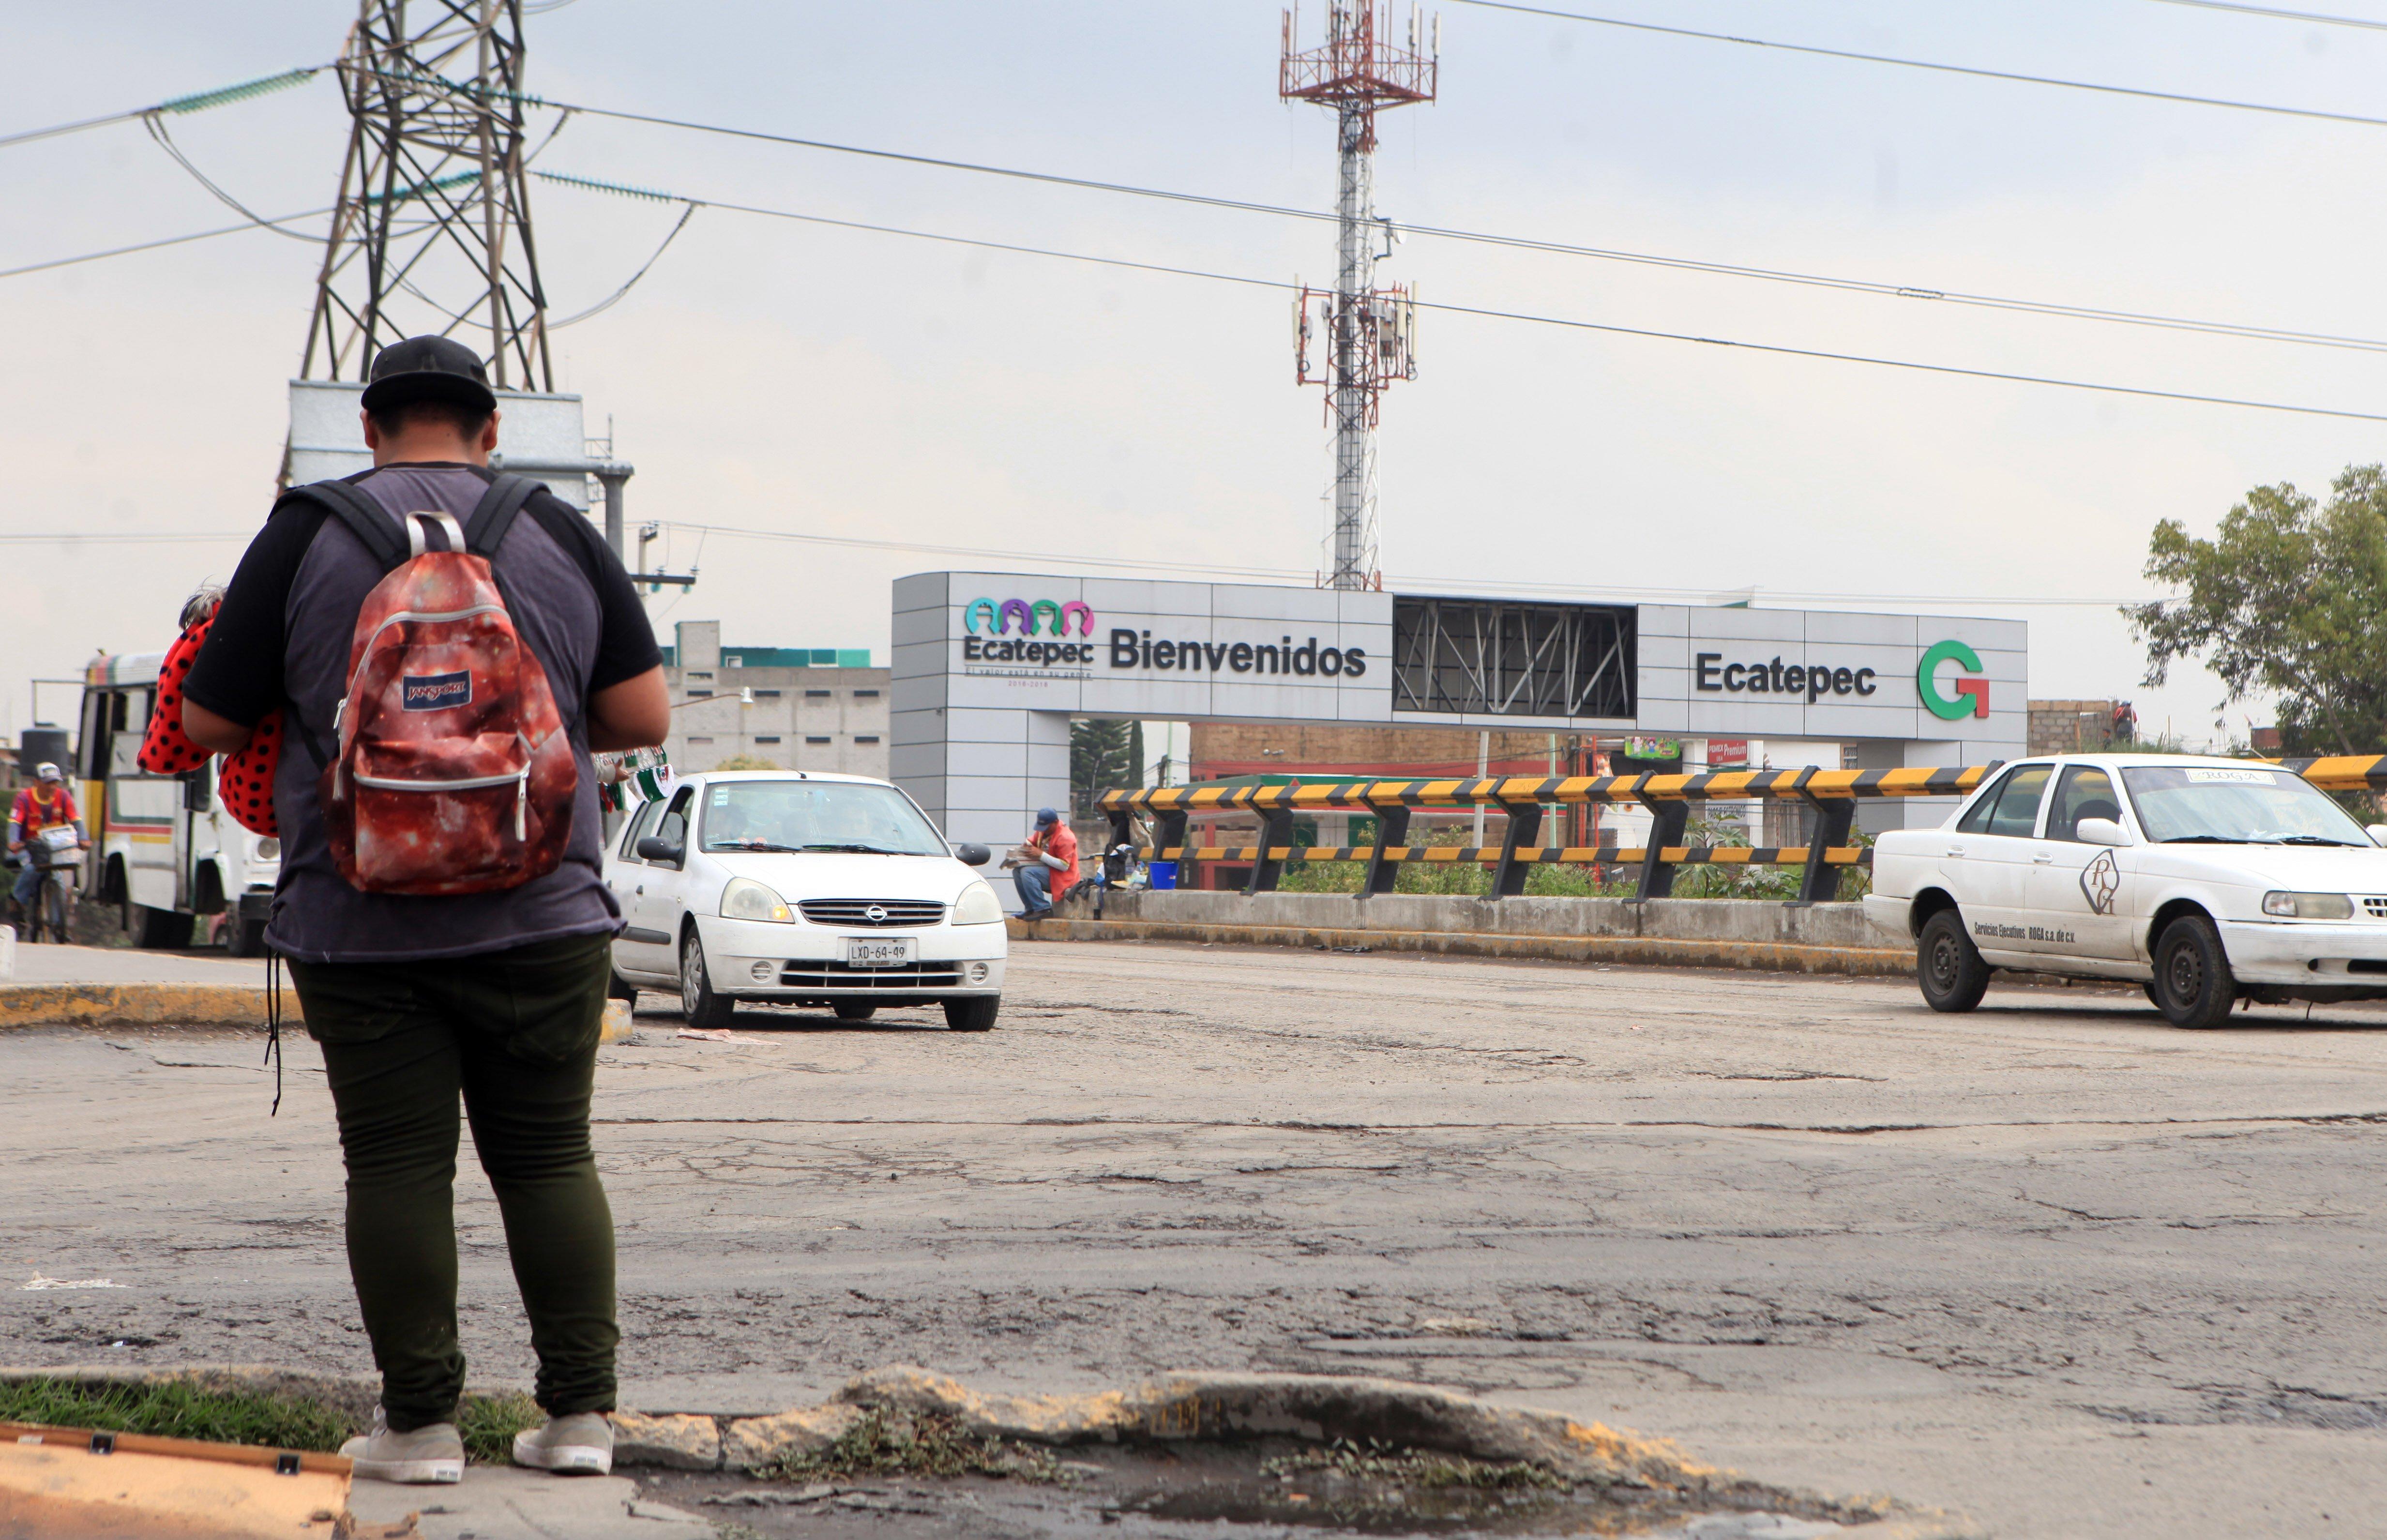 Límite Ecatepec GAM. Foto Yadira García.